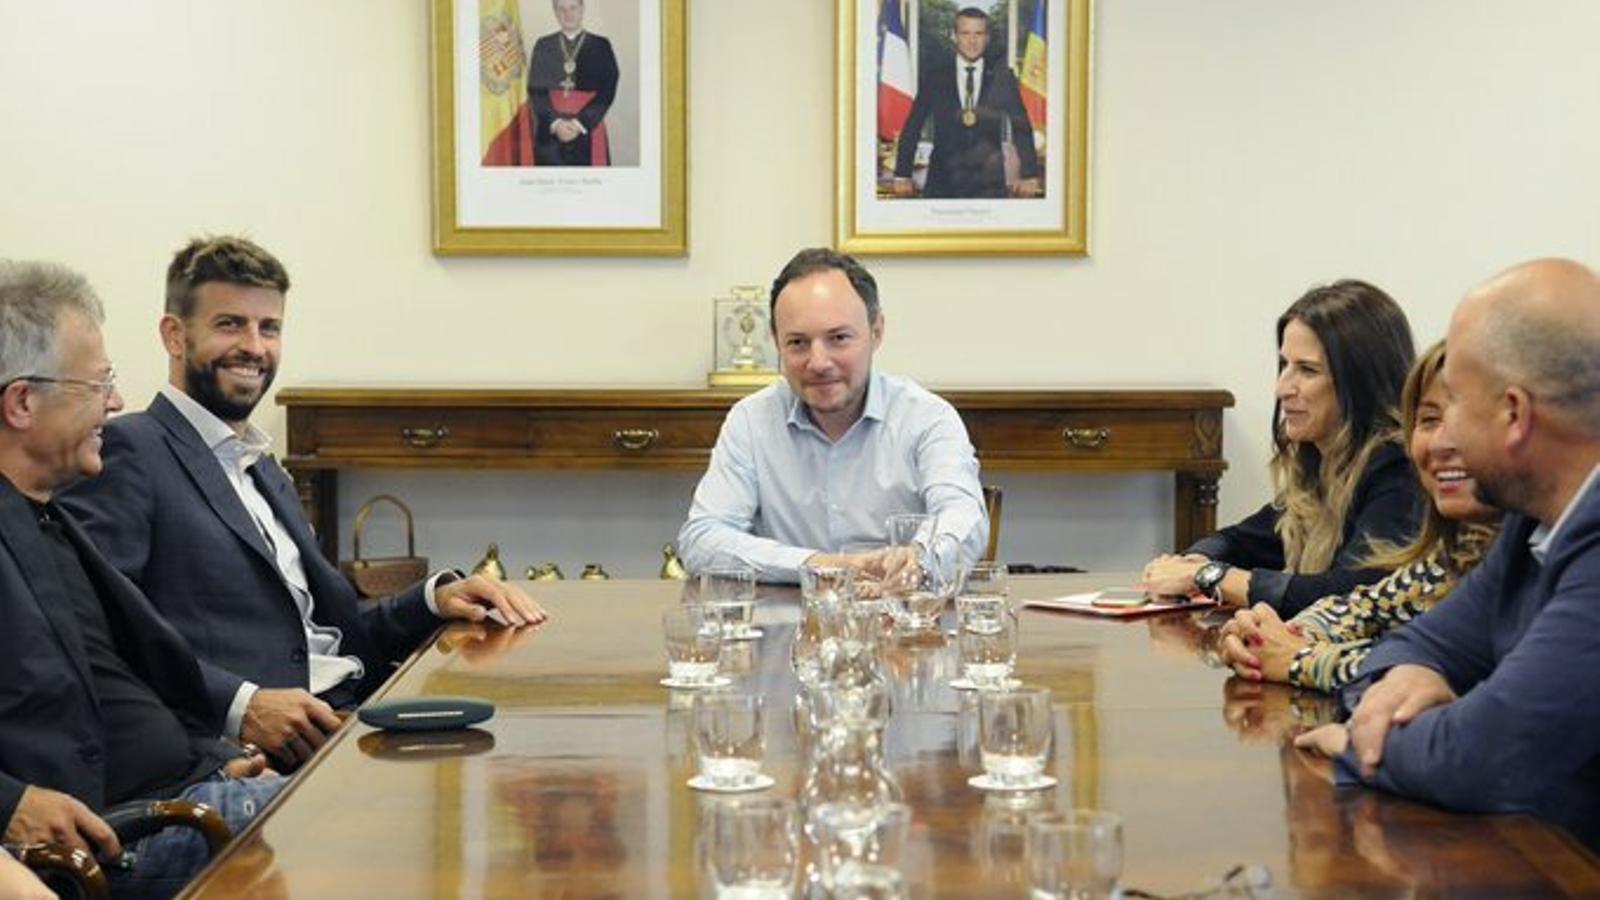 Un moment de la trobada de Piqué amb representants del Govern i dels comuns d'Andorra la Vella i Encamp. / SFG